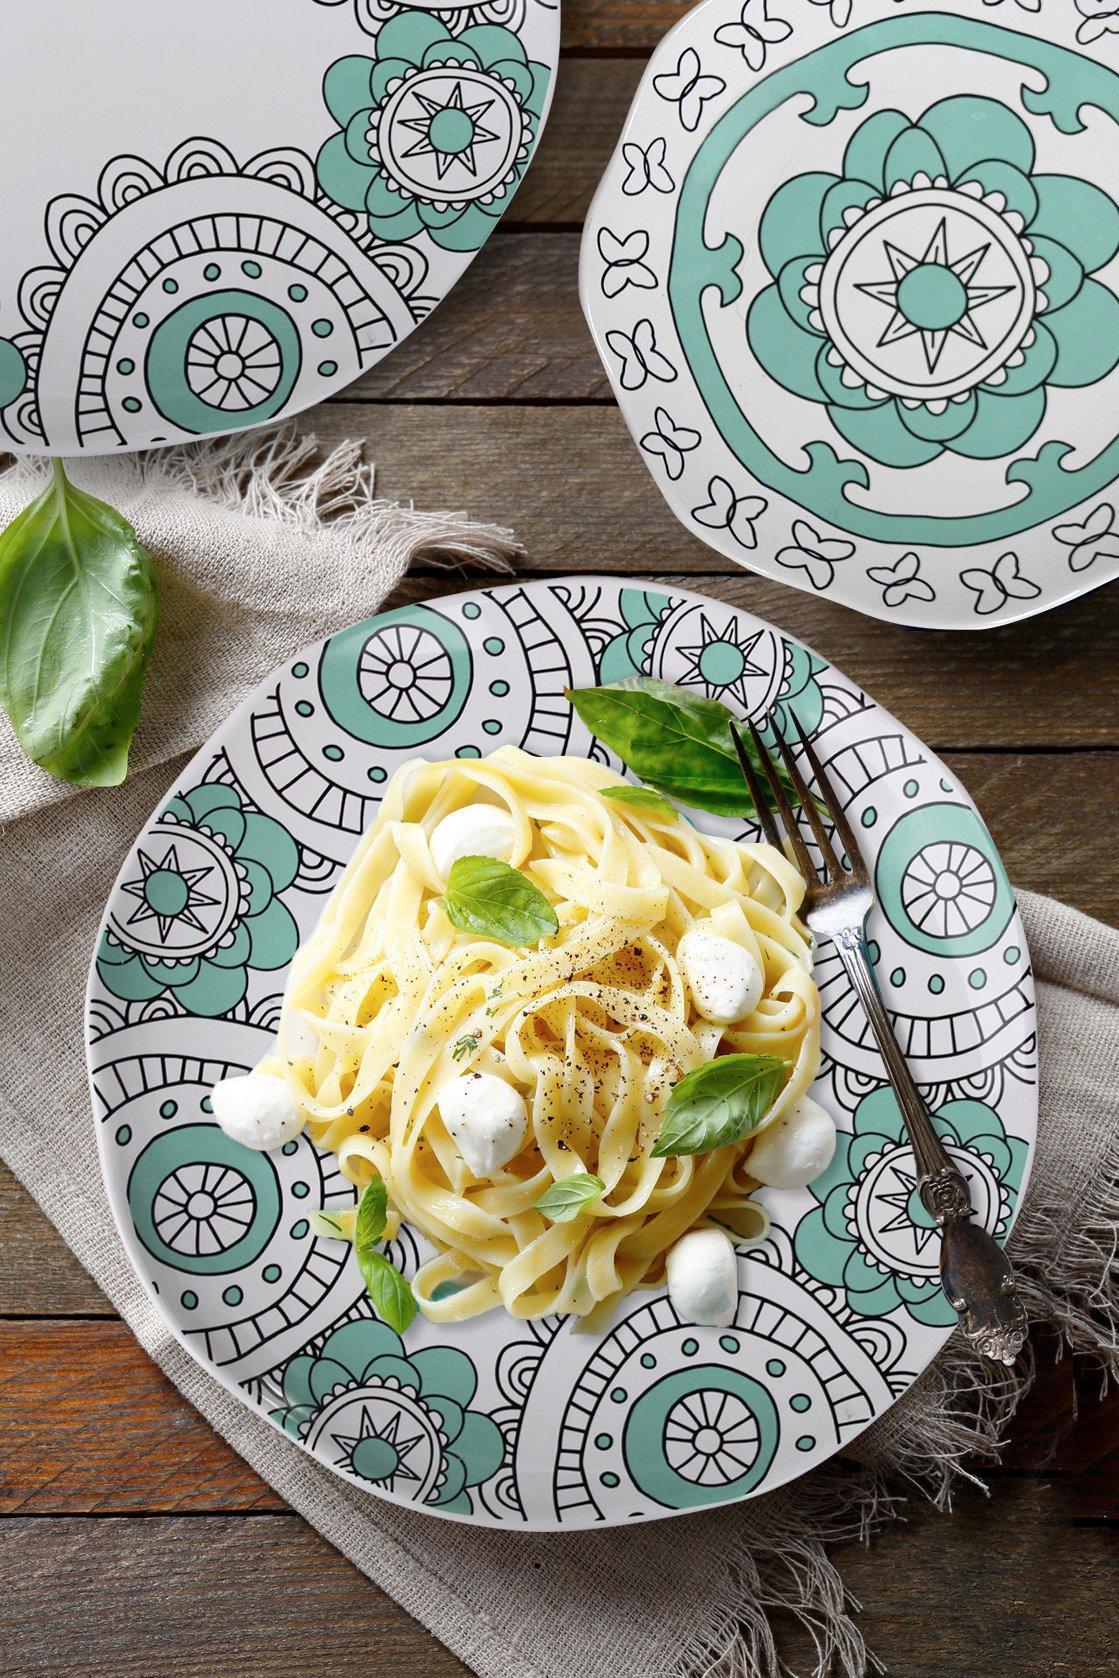 Dinner Plates Appetizer Salad Plate Set 4, Porcelain Mint Blue, Floral Pattern, Accent Serving Plates by LA JOLIE MUSE (Image #2)